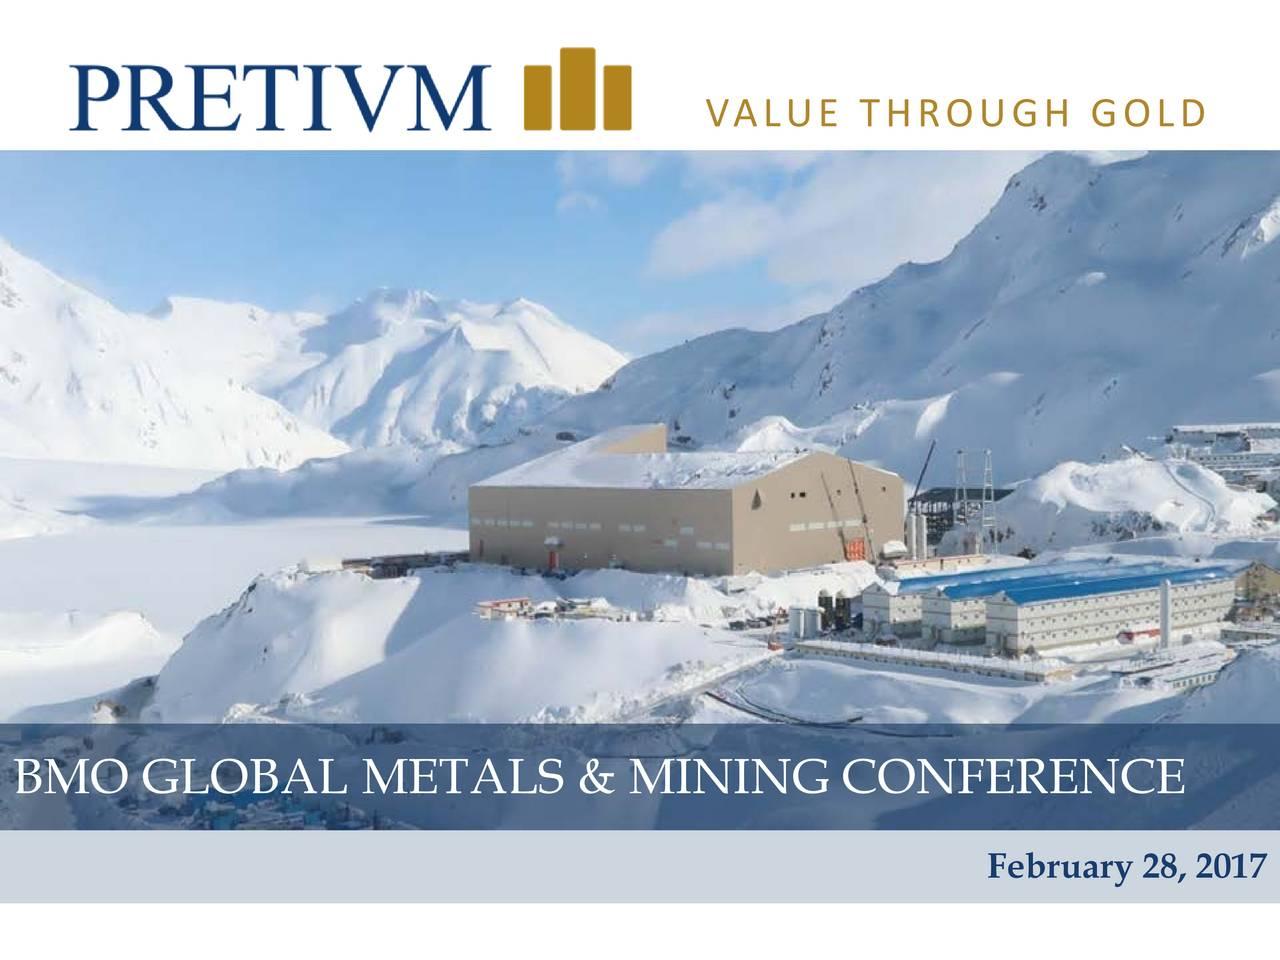 Global Metals & Mining Conference - teck.com